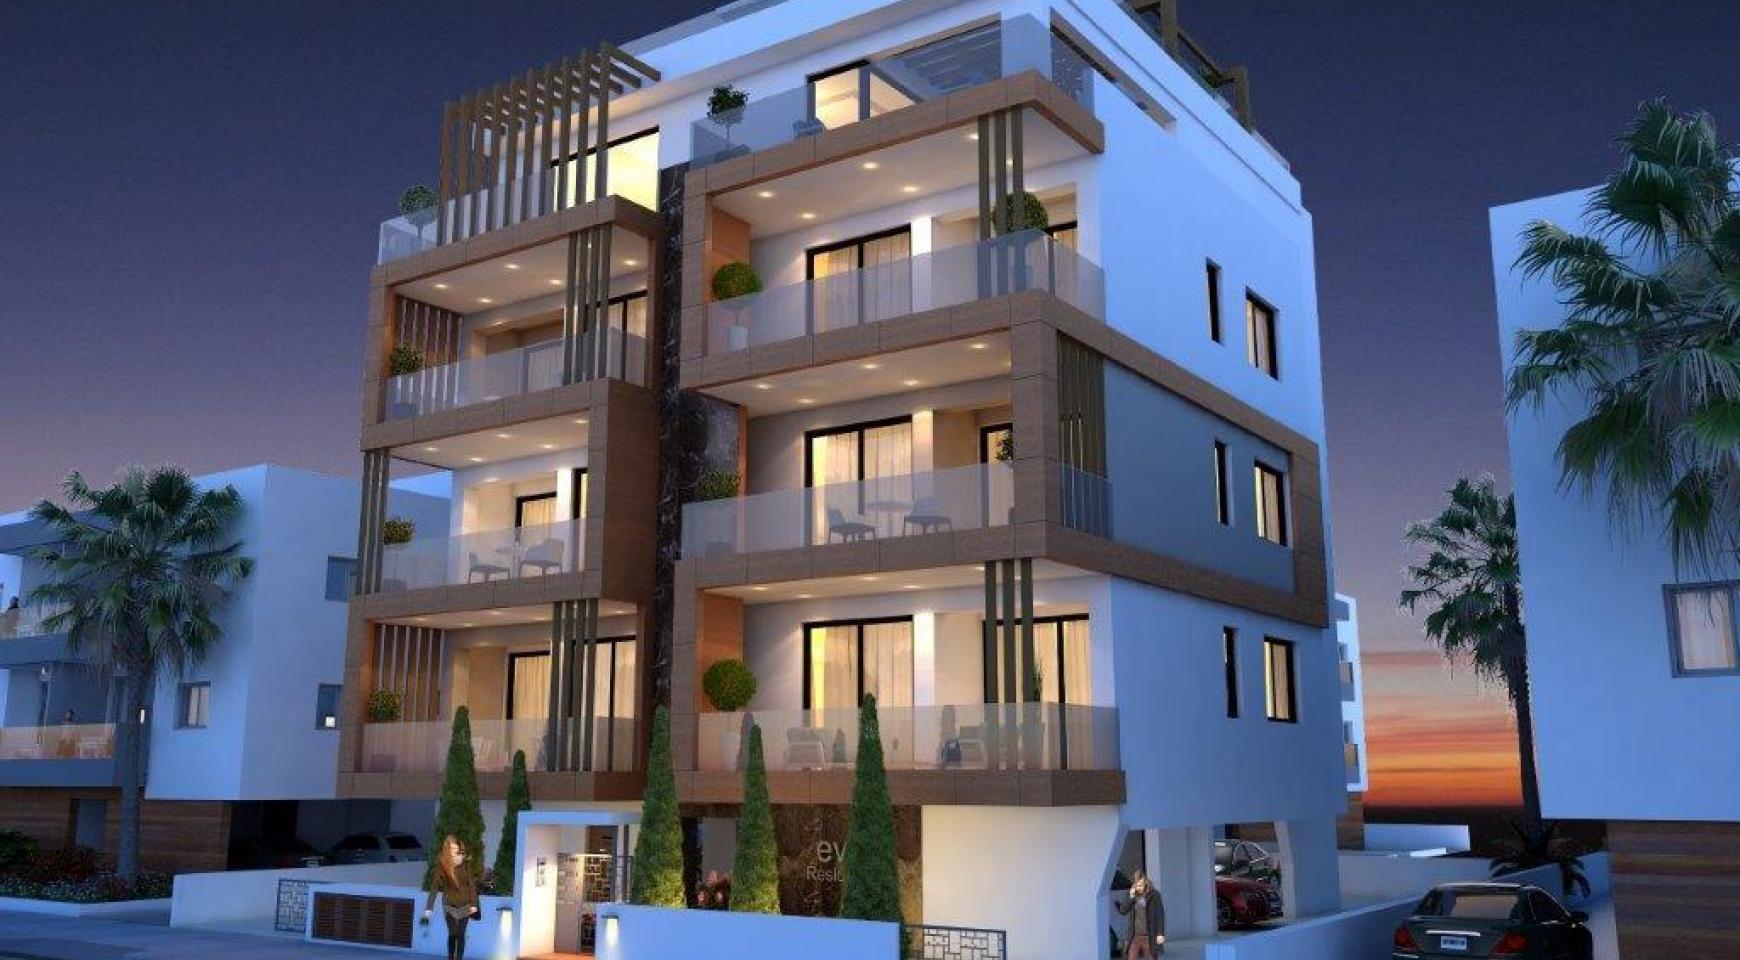 New 2 Bedroom Apartment in Enaerios Area  - 2